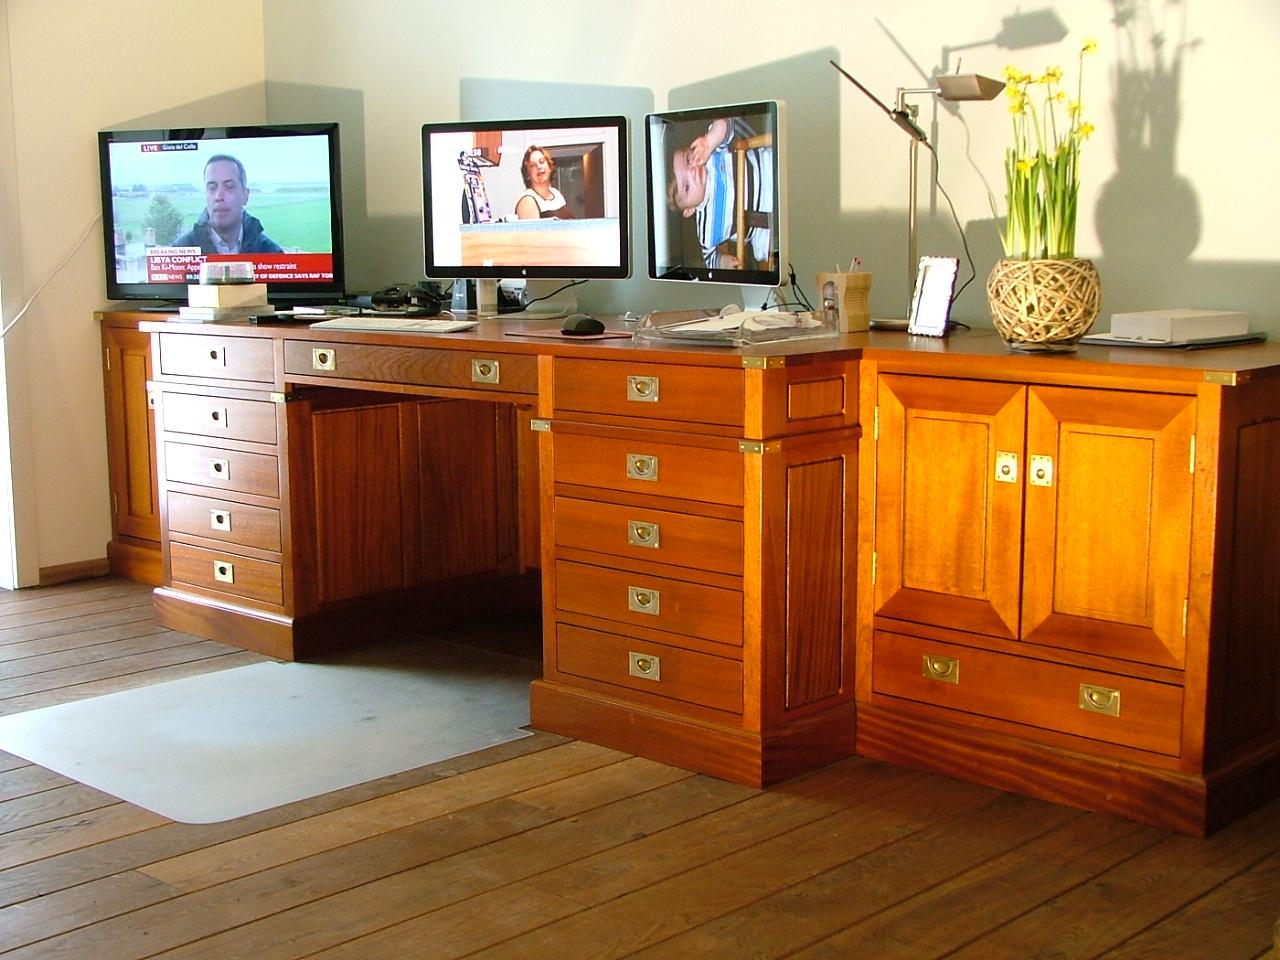 In opdracht gemaakt een kantoor aan huis, volledig uitgevoerd in massief mahonie met slimme opbergplekken en blinde kabelgoten.military style